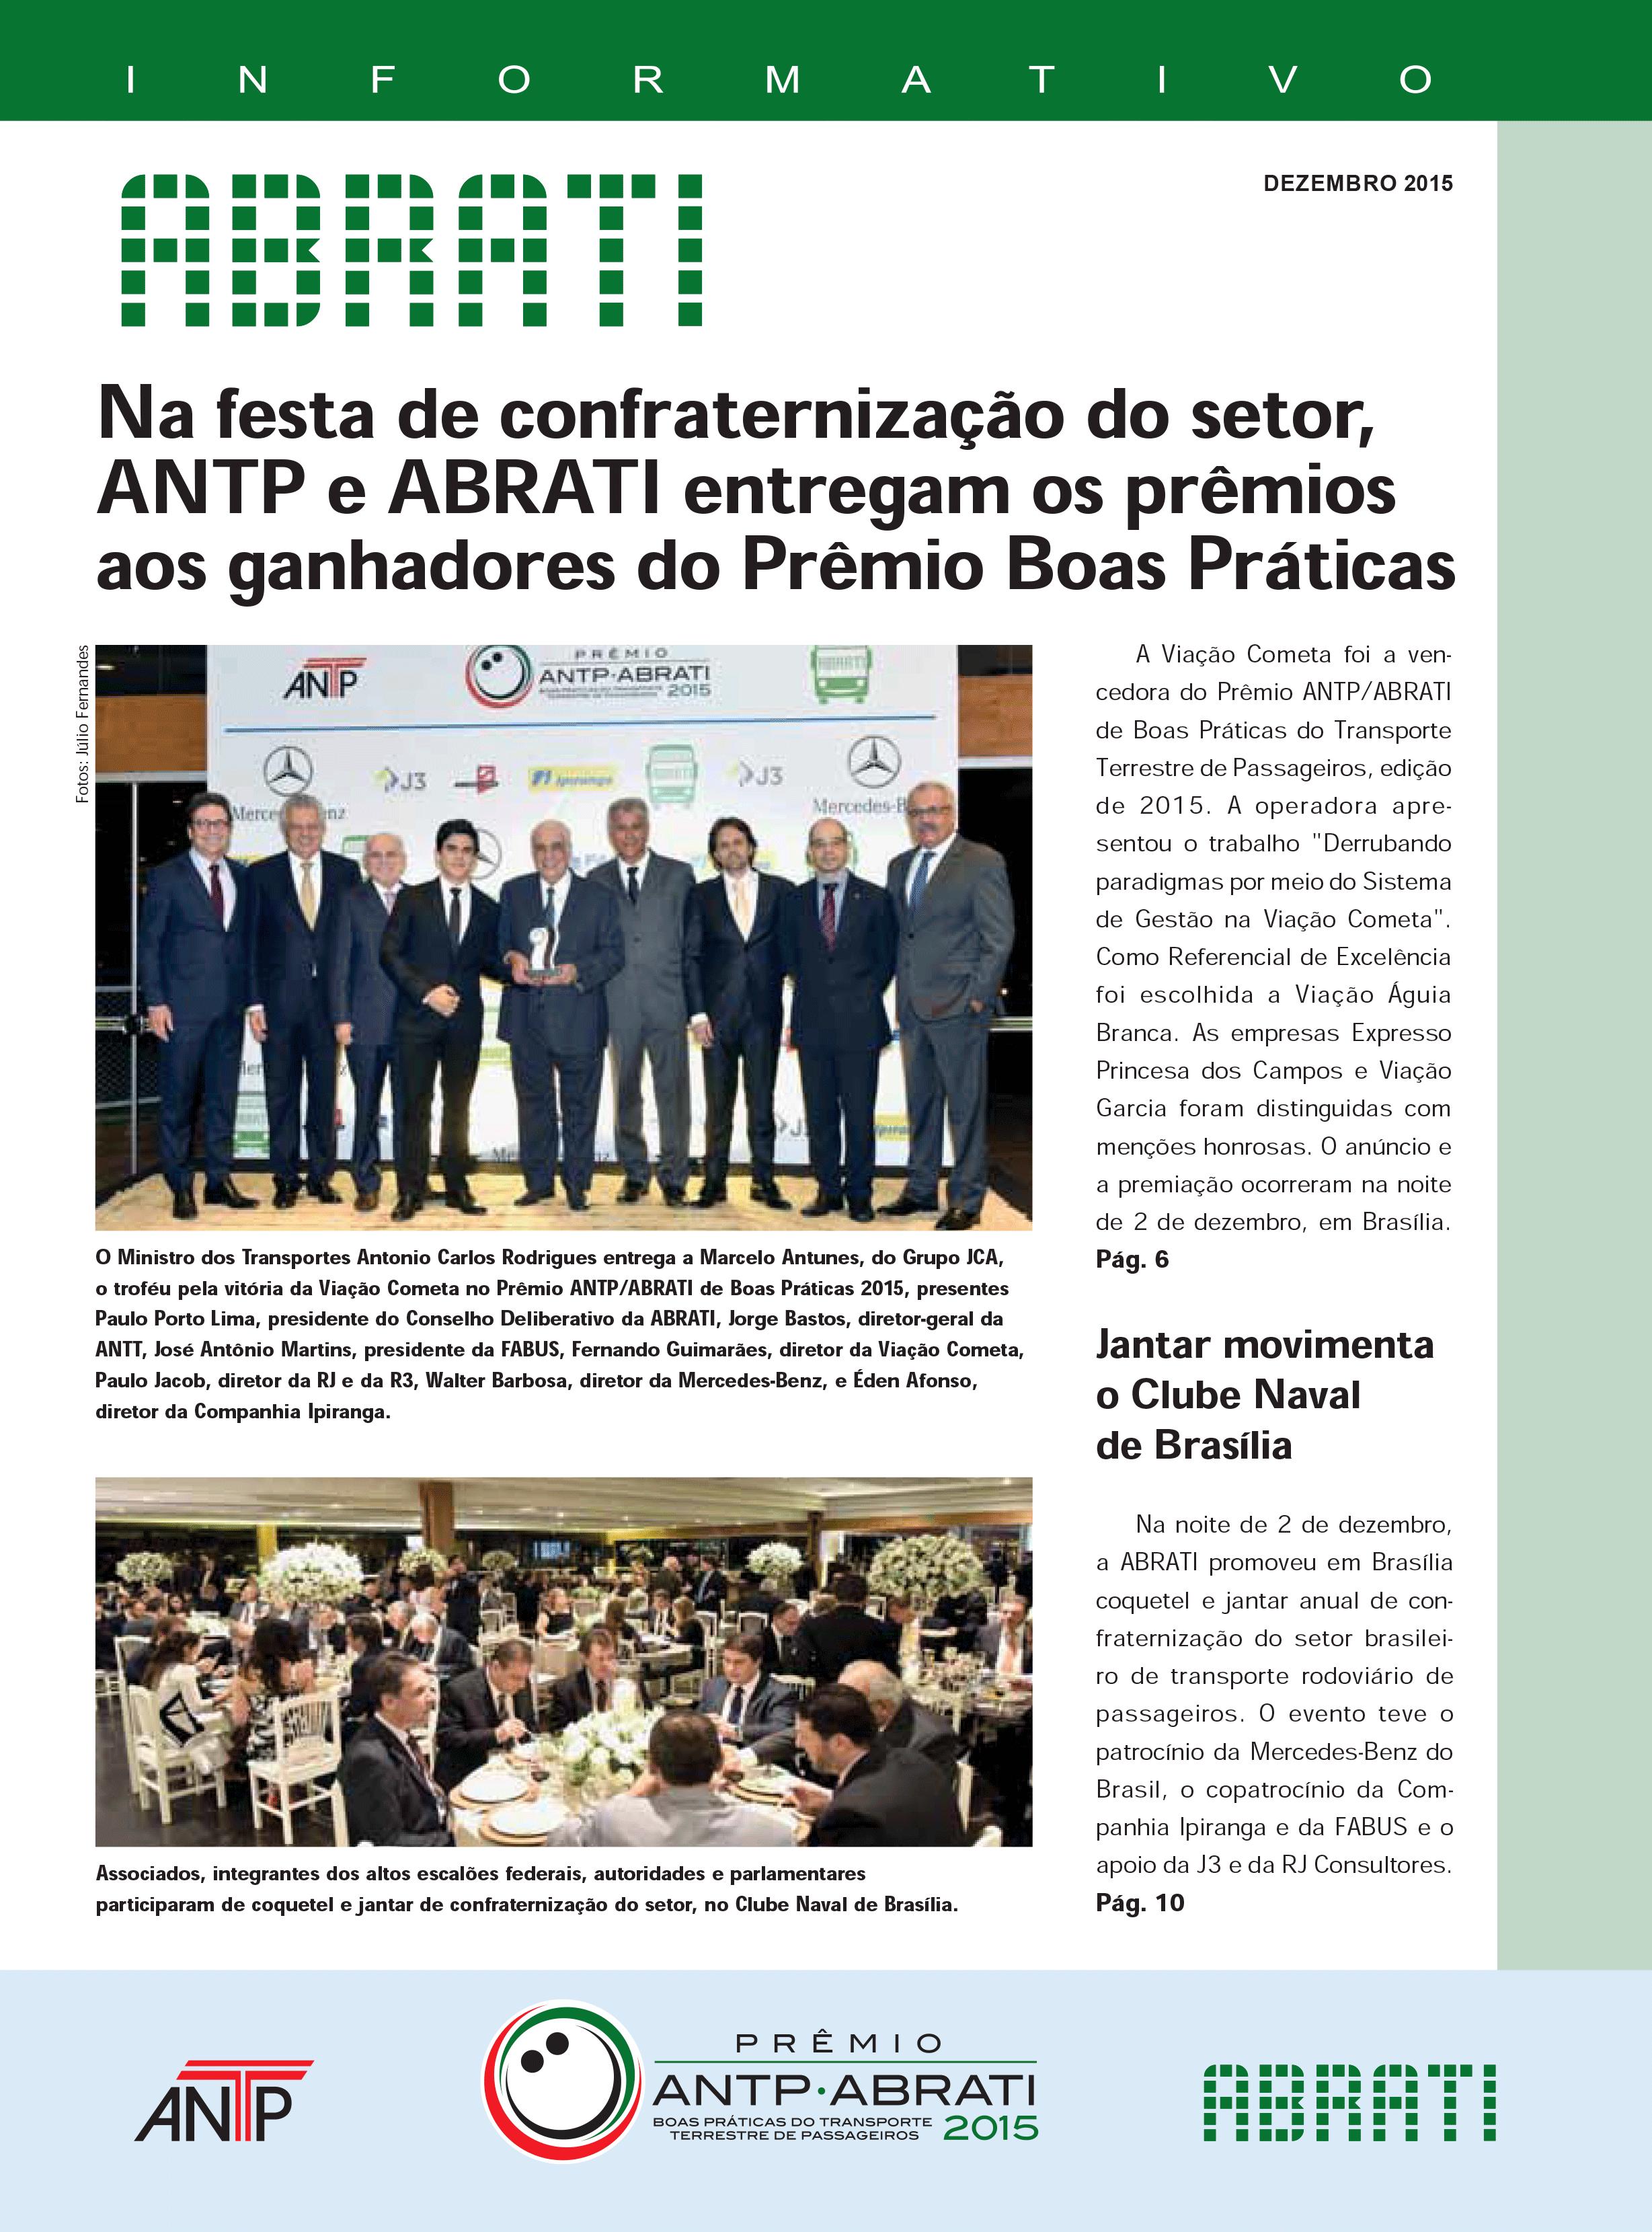 Informativo Dezembro 2015